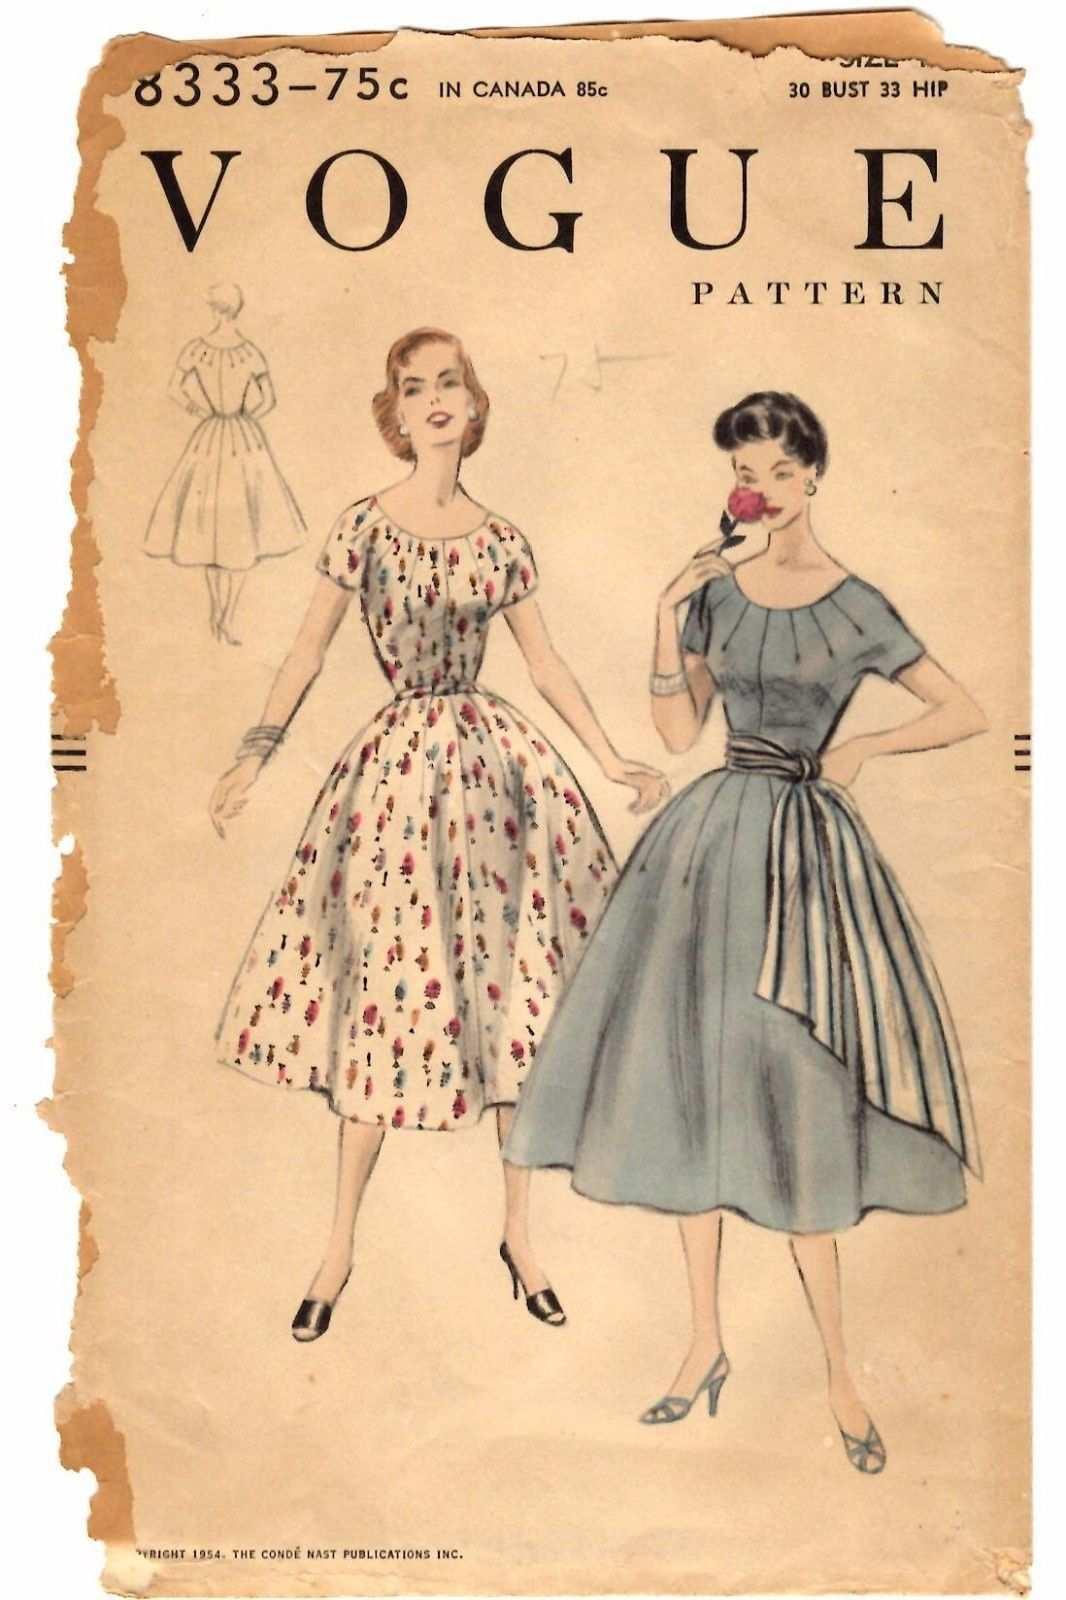 1950s Vogue Sewing Pattern Women S Dress Vintage Schnittmuster 50er Jahre Mode Kleiderschnitte